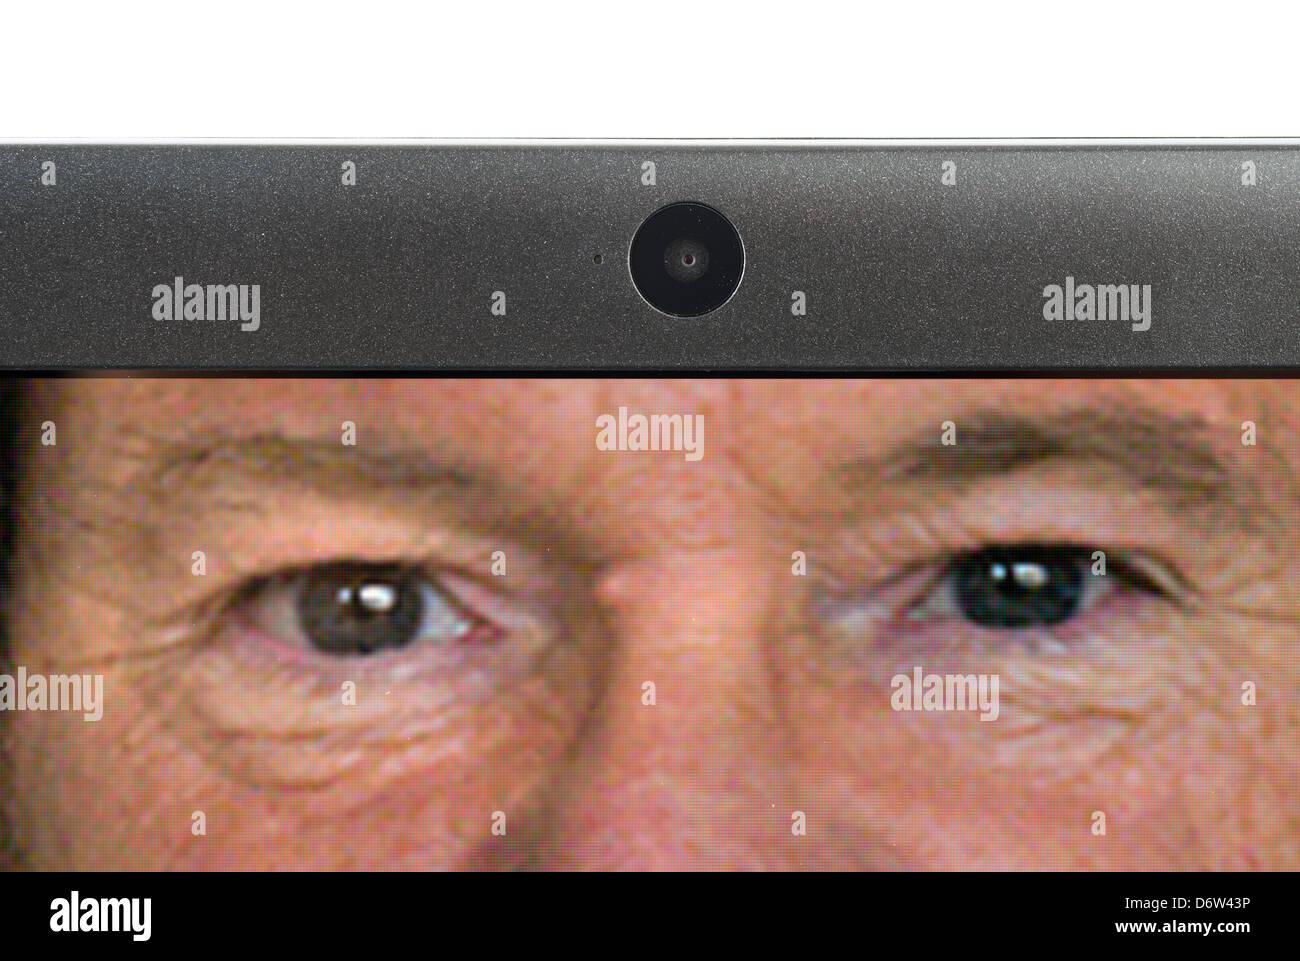 El uso de la webcam de un ordenador portátil Imagen De Stock